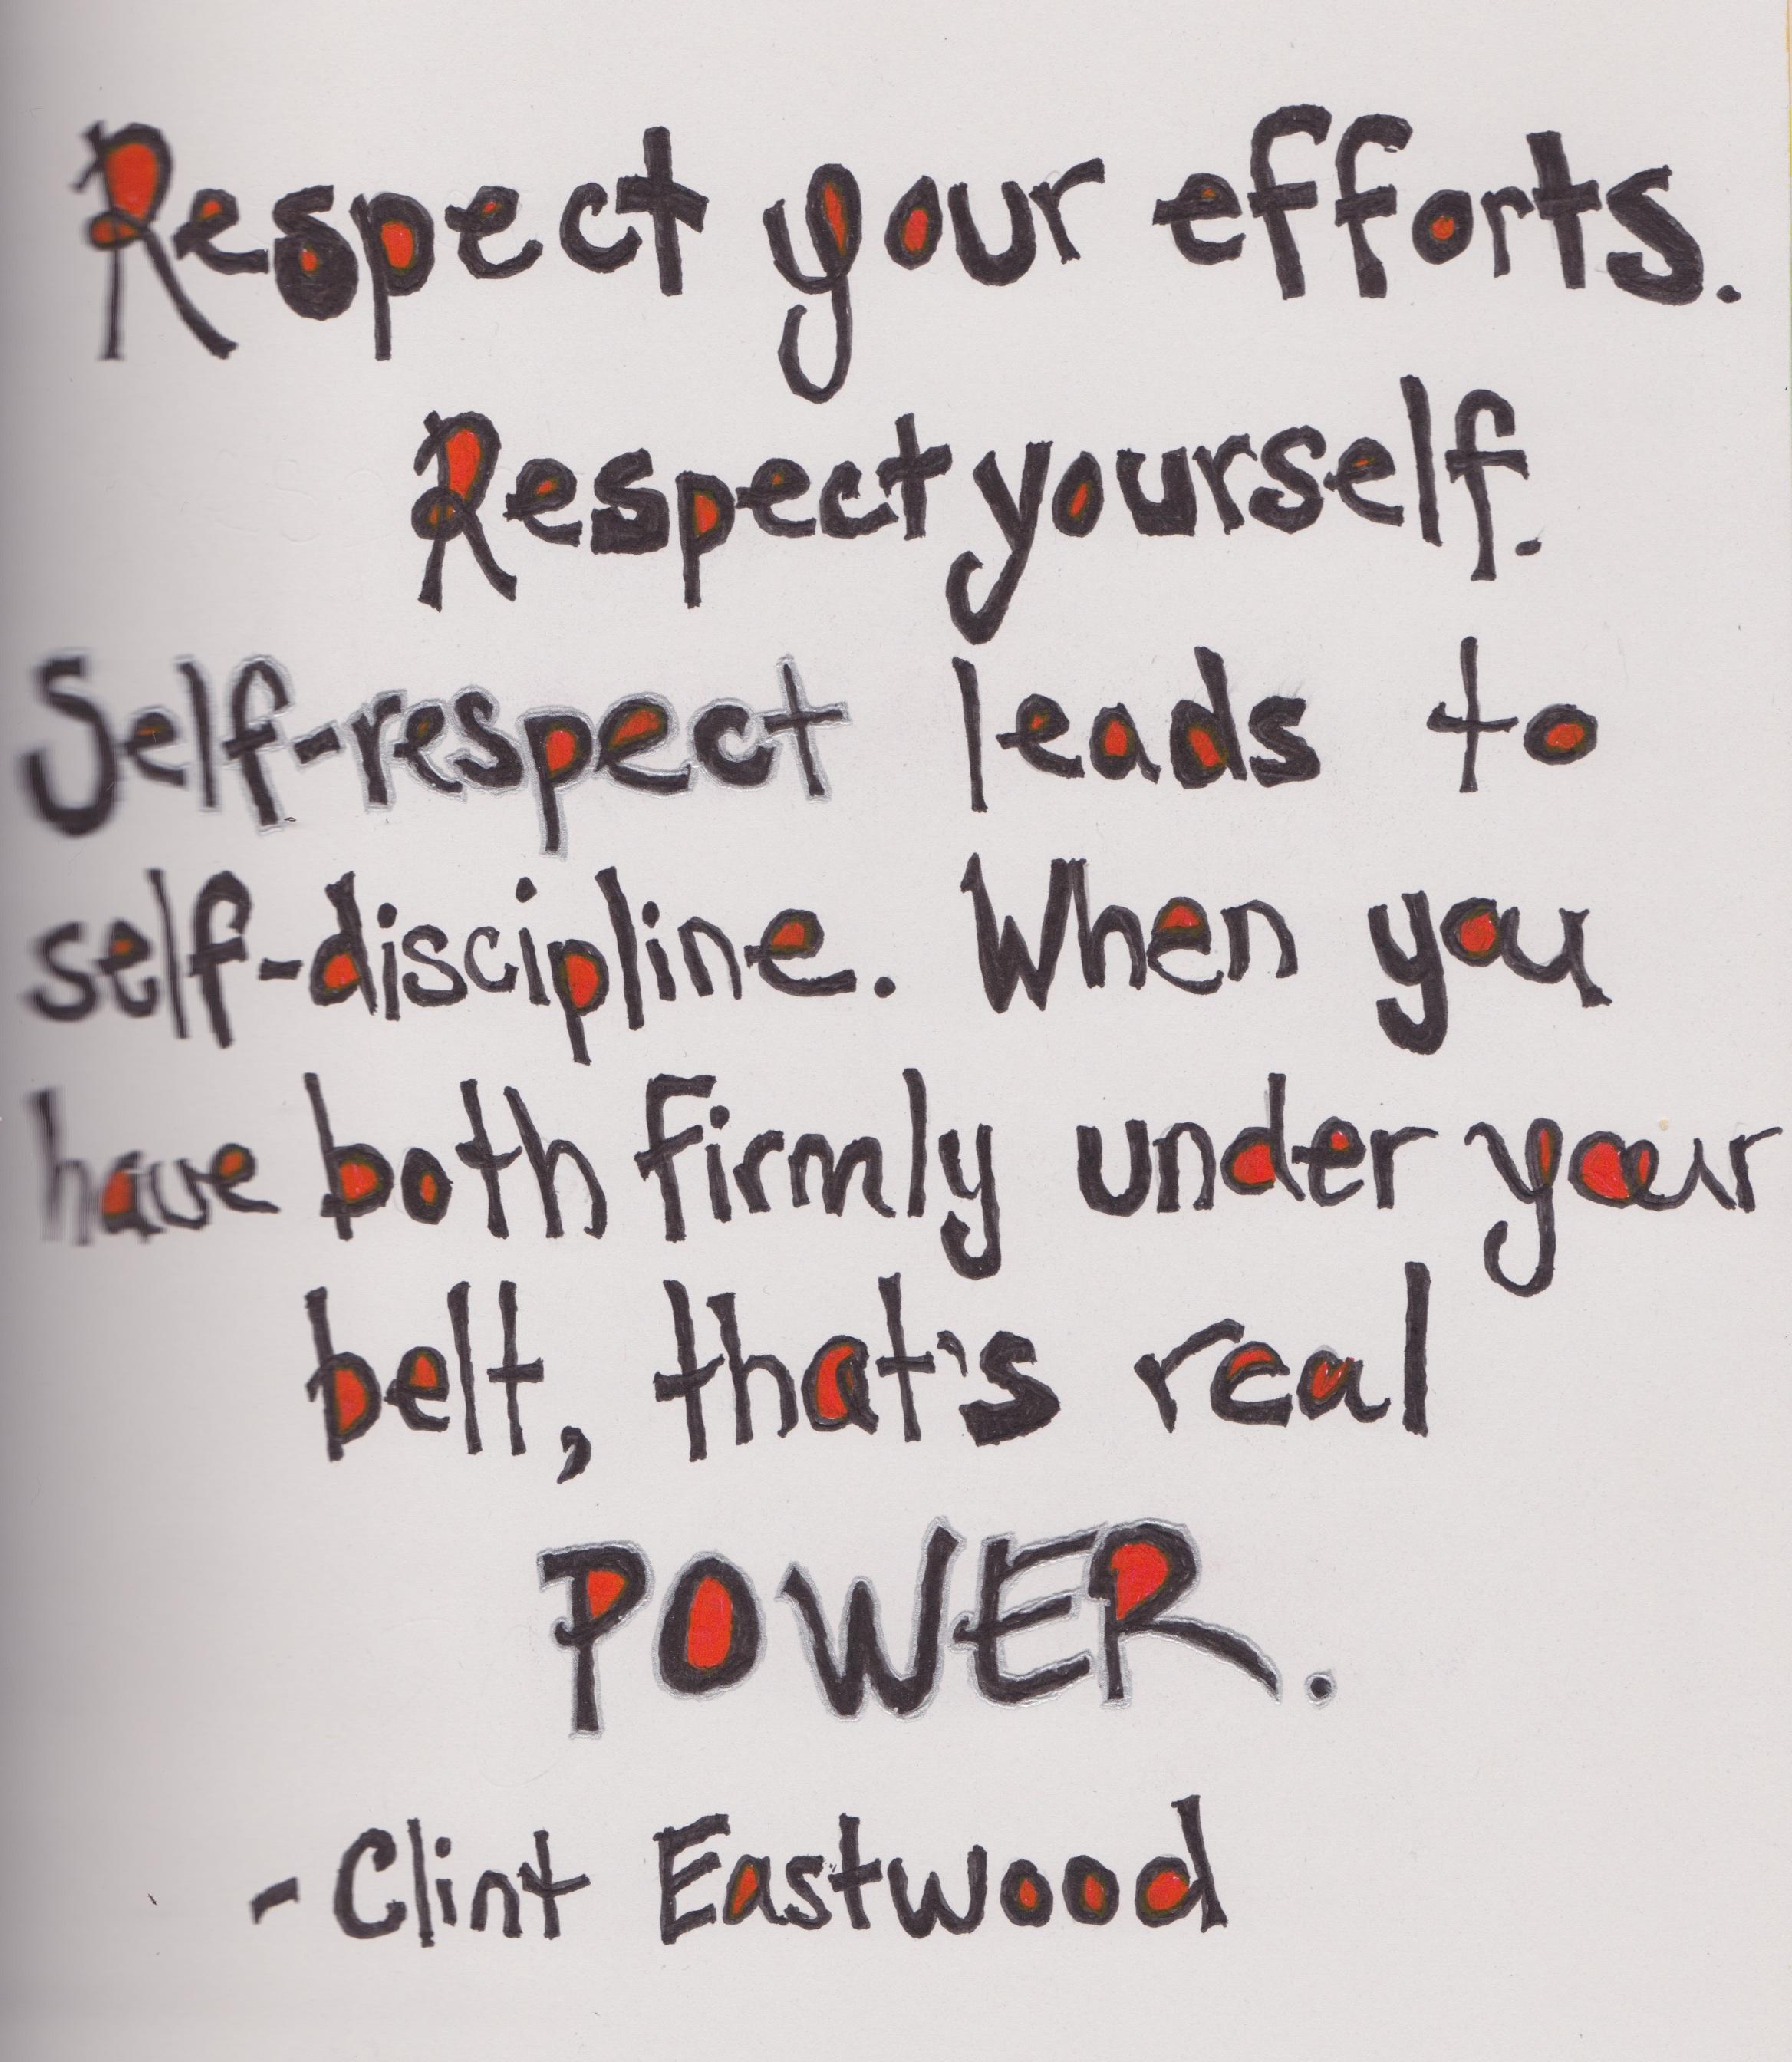 Czeshop Images Tumblr Quotes About Self Esteem